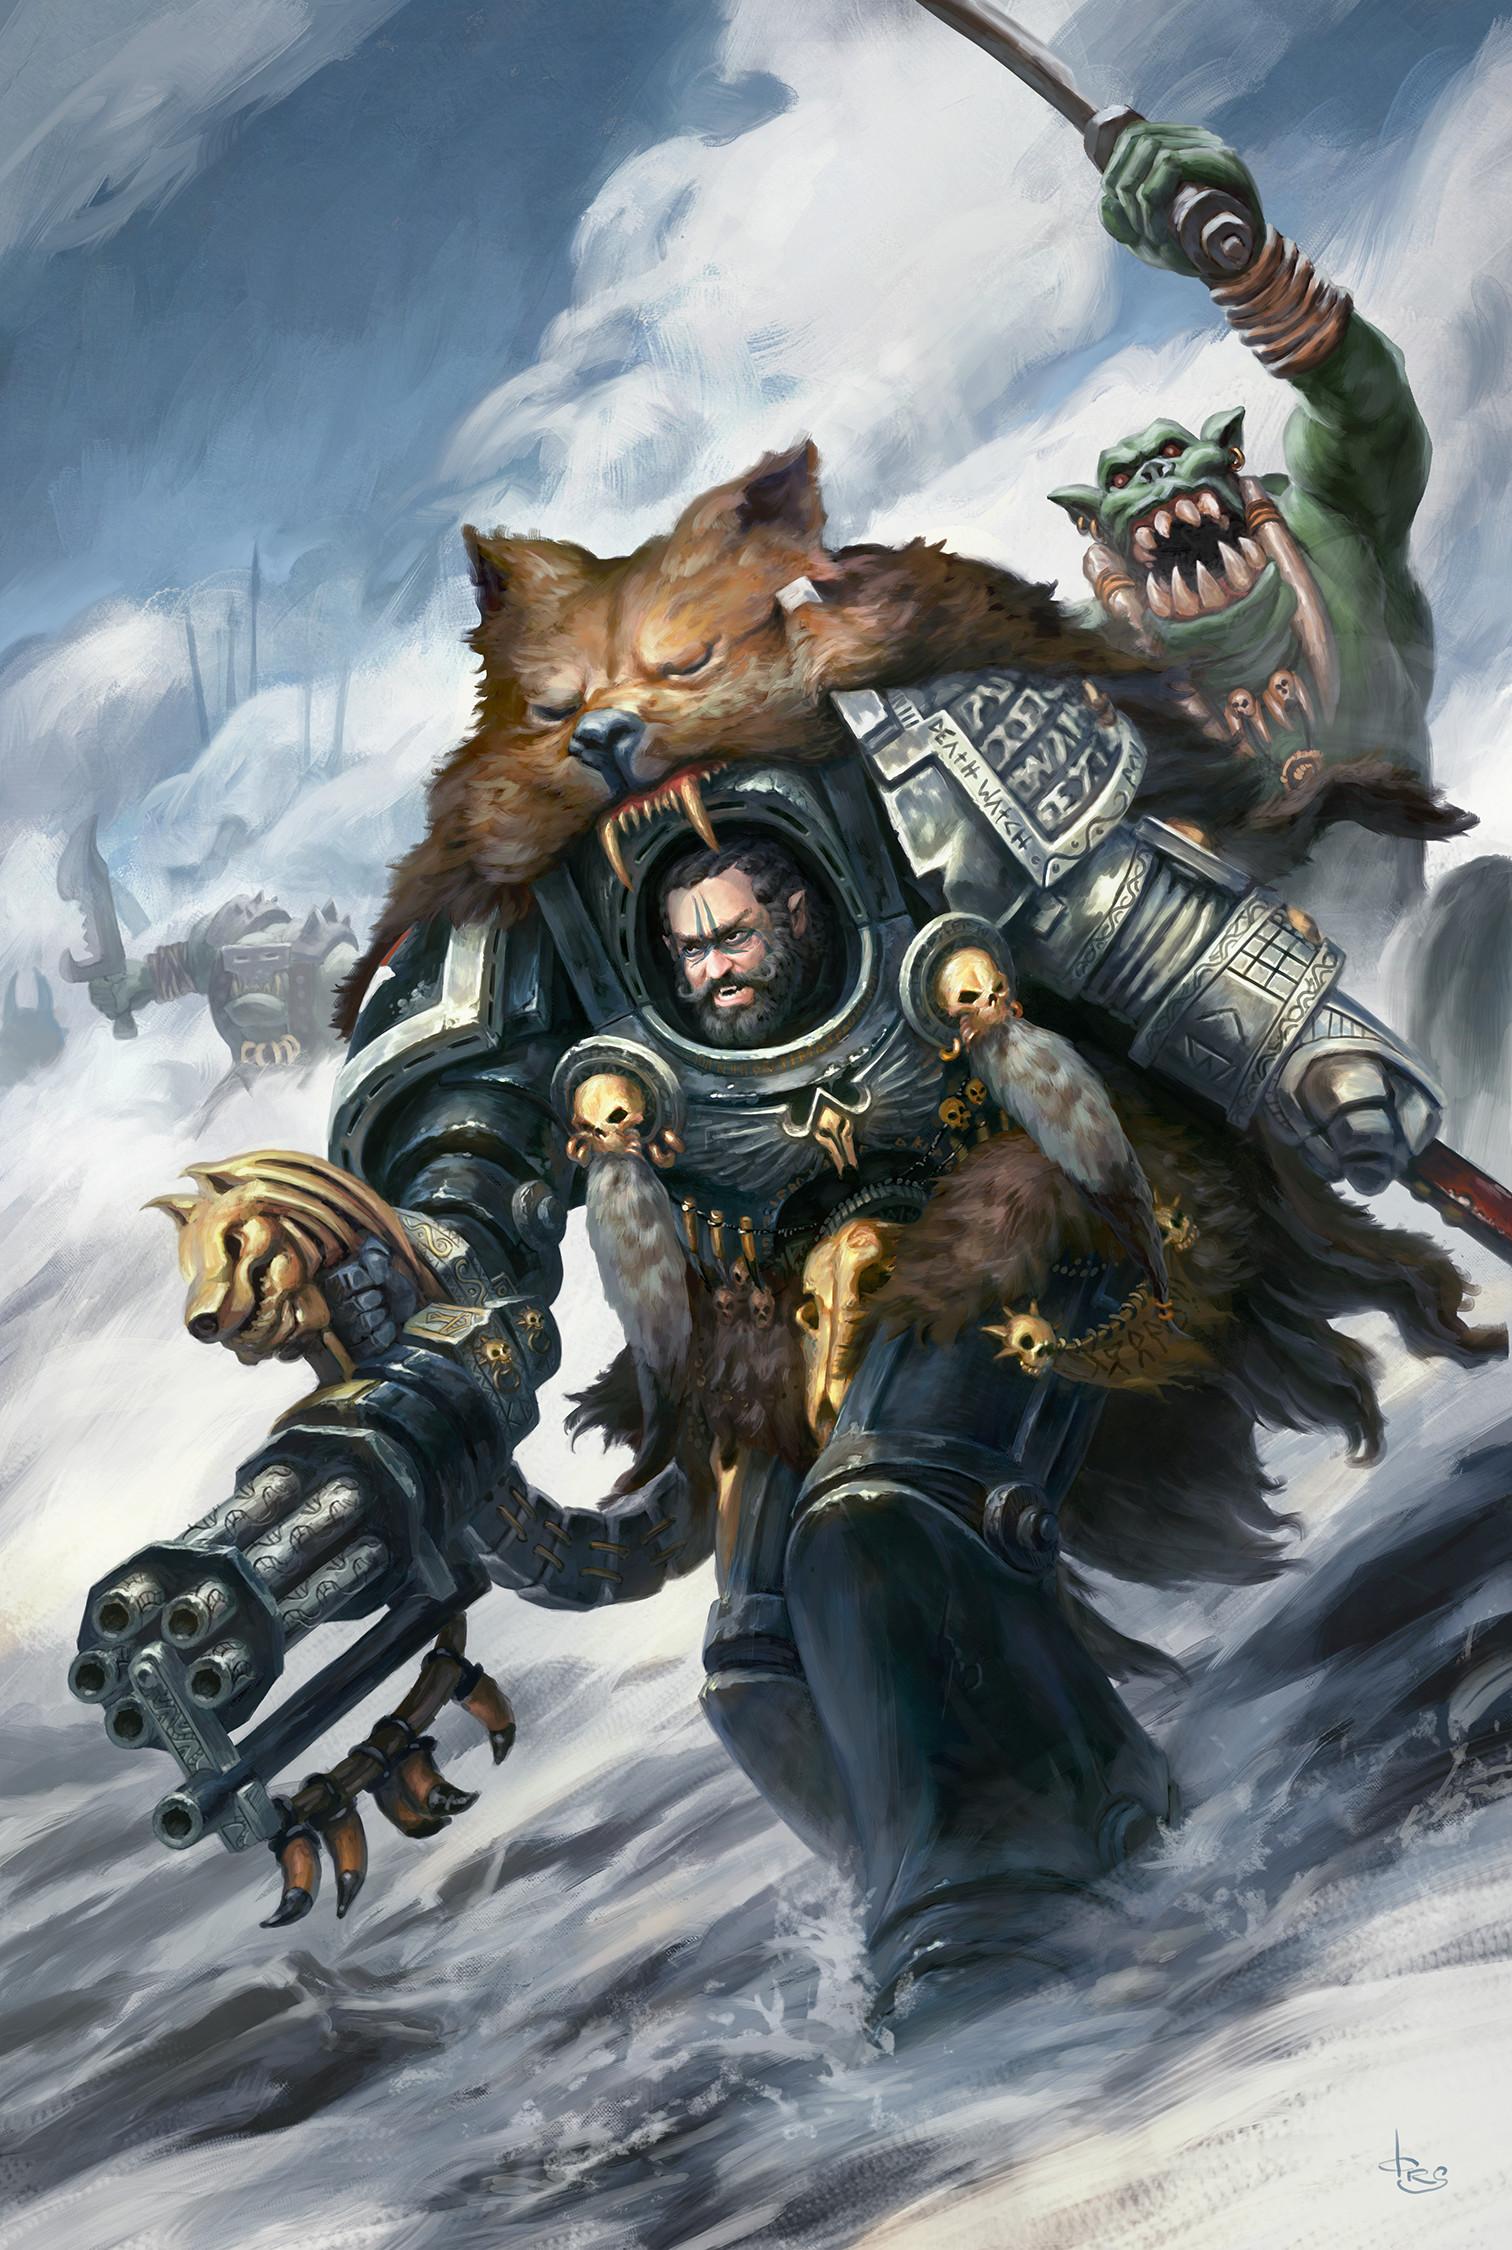 Warhammer 40k: Deathwatch, the lost sons #1